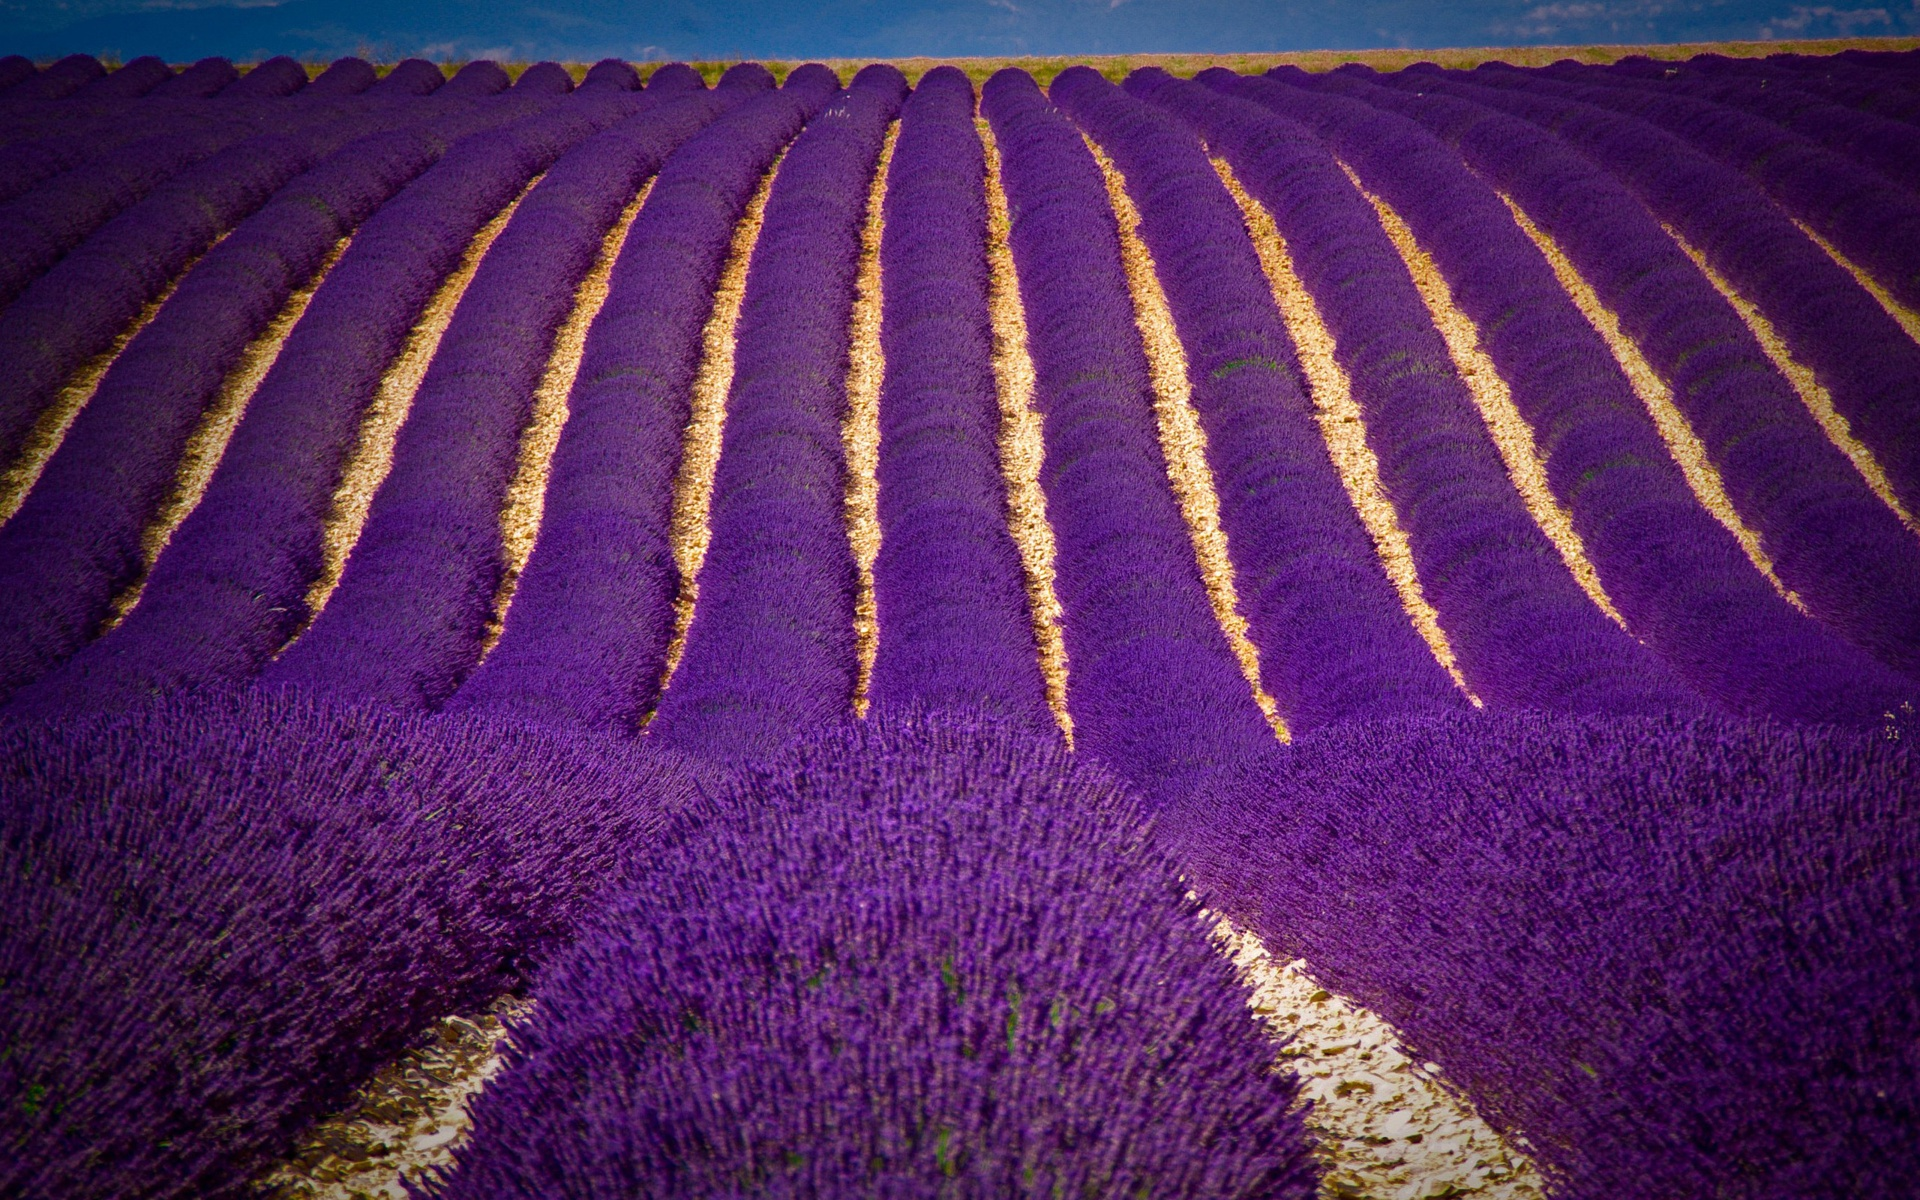 Tải hình ảnh hoa Lavender